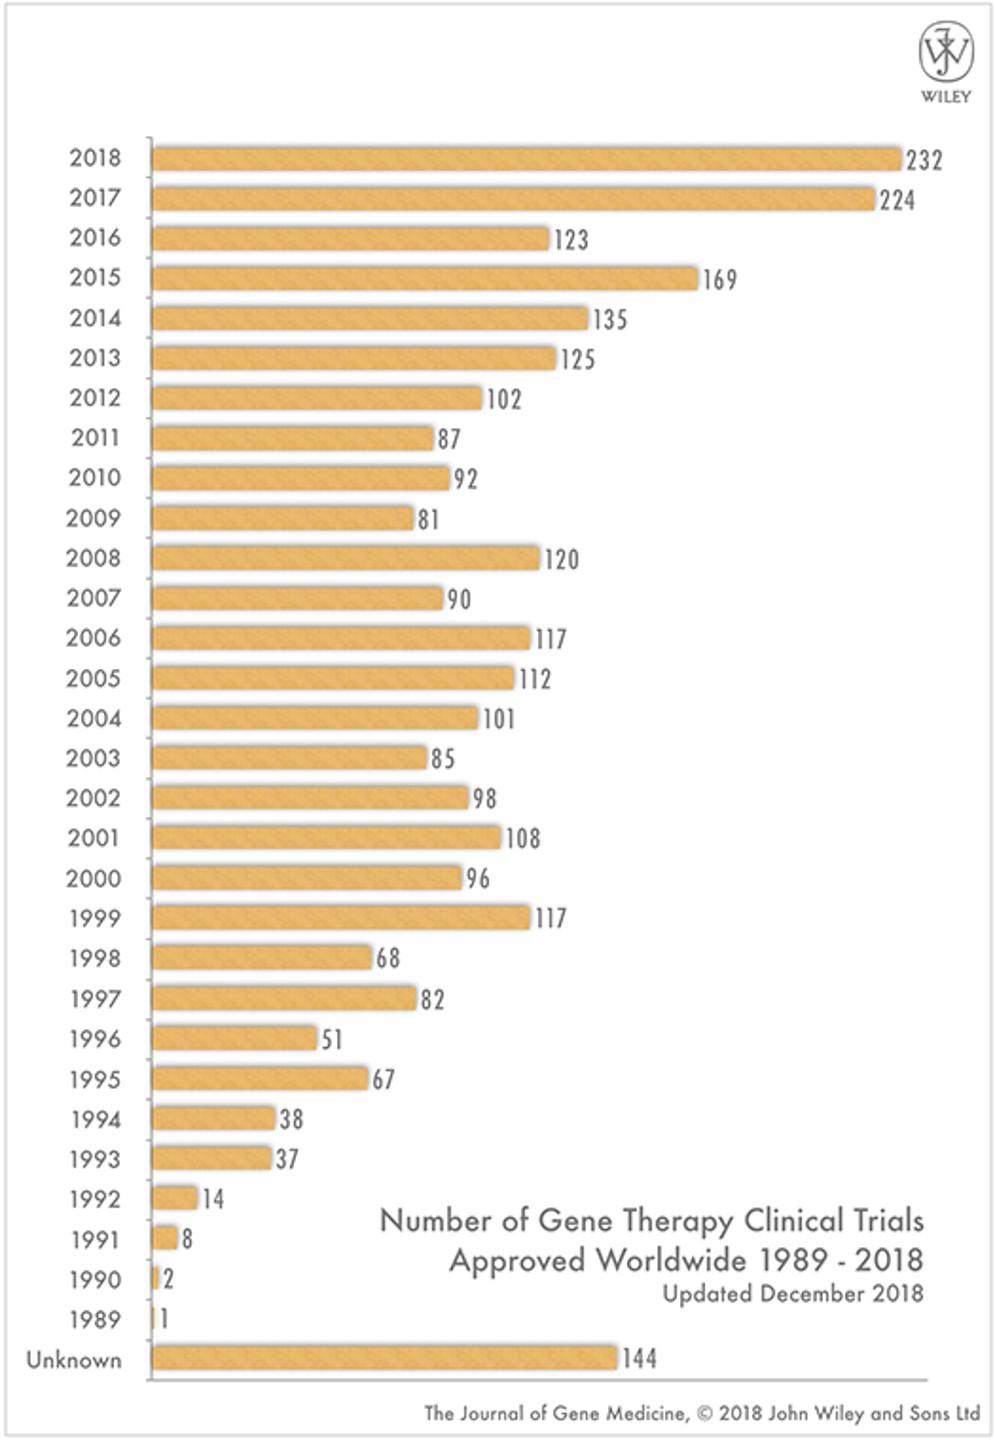 図1 世界での遺伝子治療実施数の年別推移